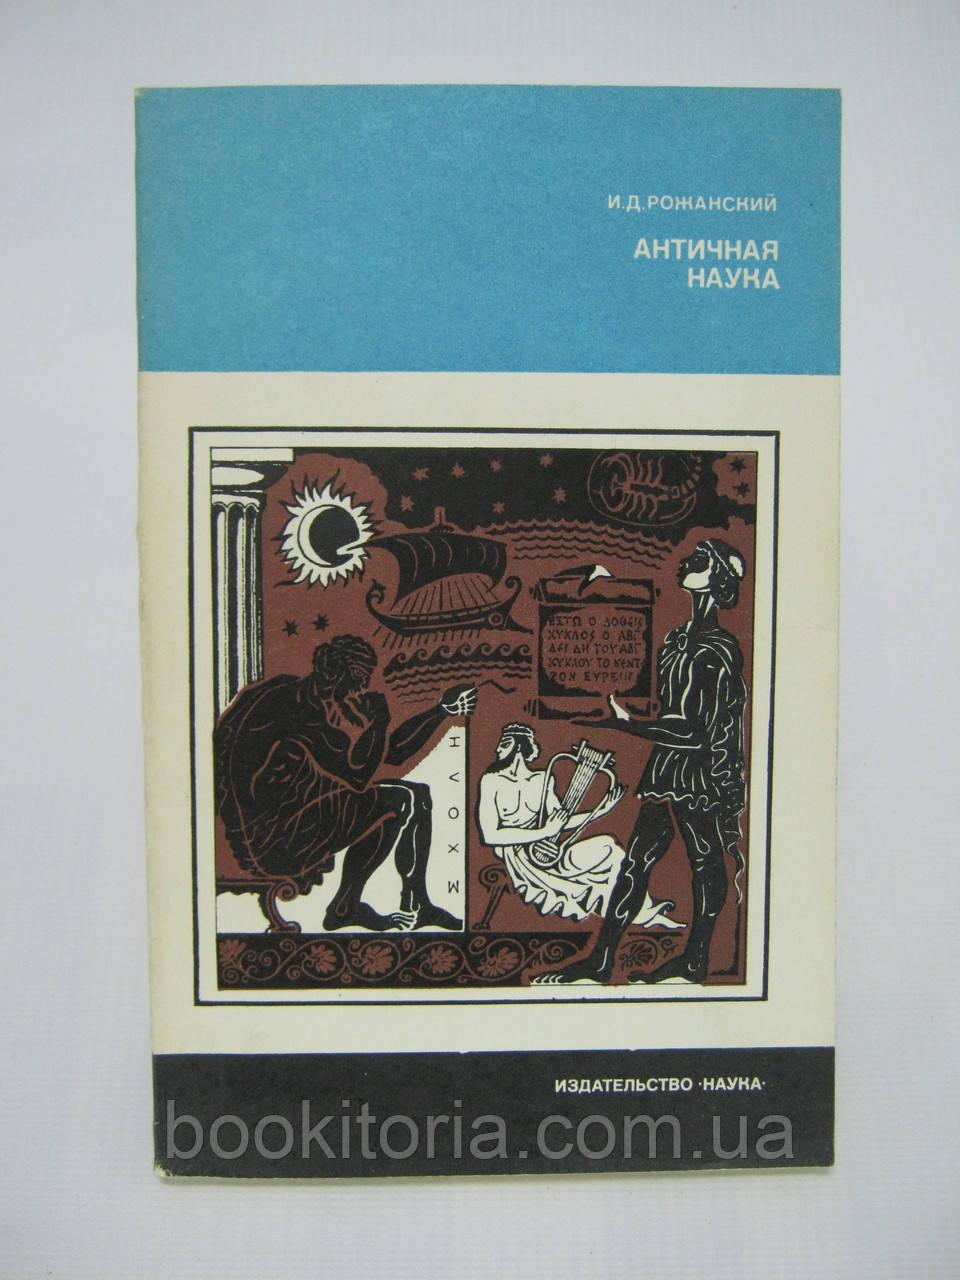 Рожанский И.Д. Античная наука (б/у).